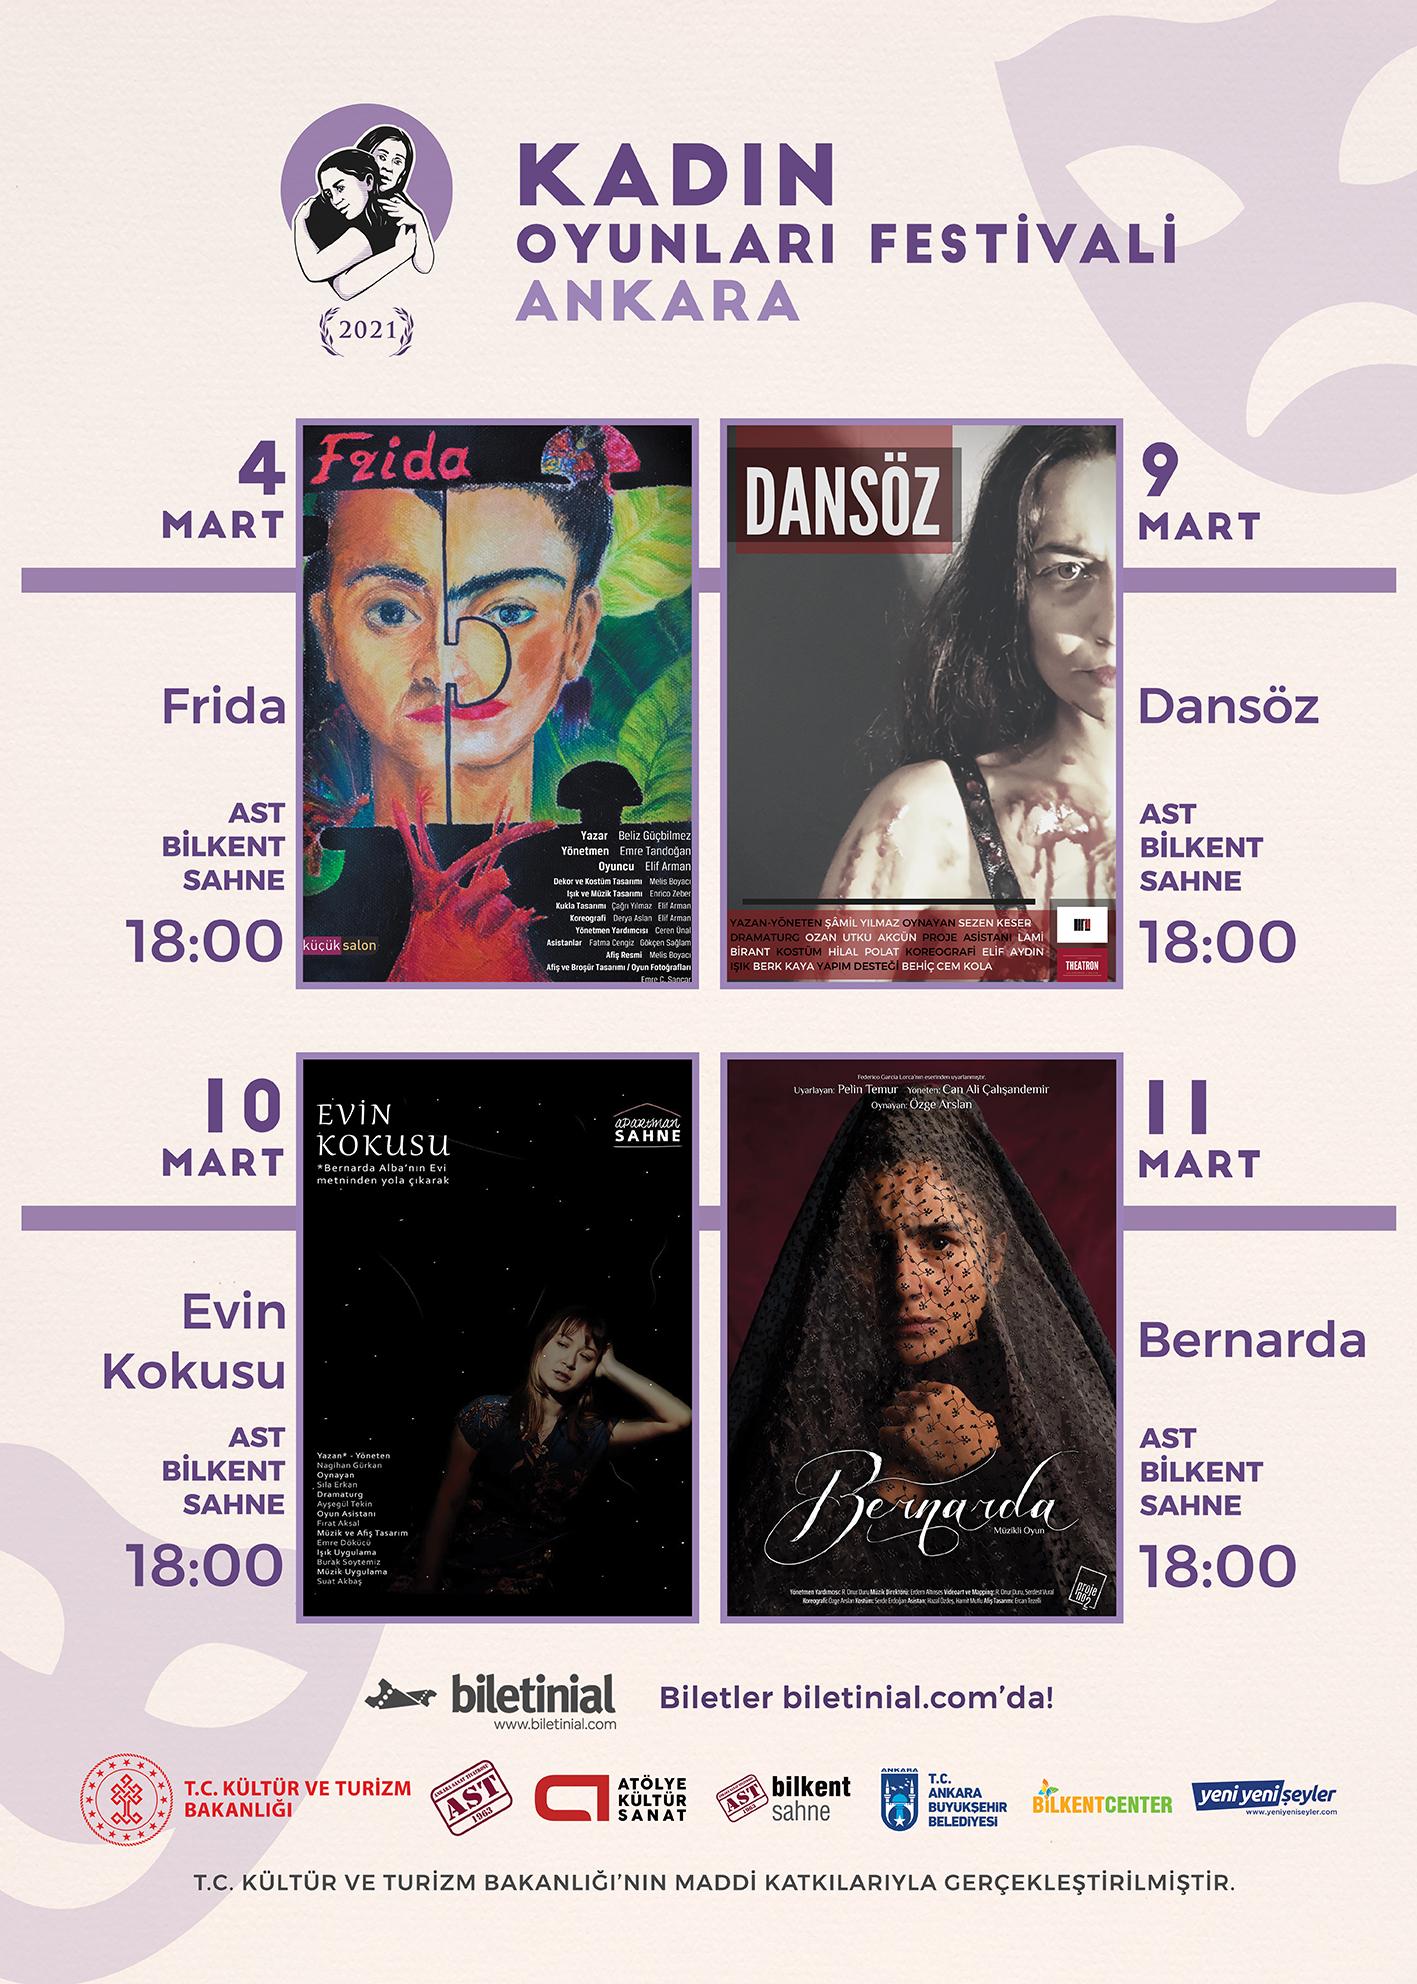 KTB - KOF 2021 Ankara